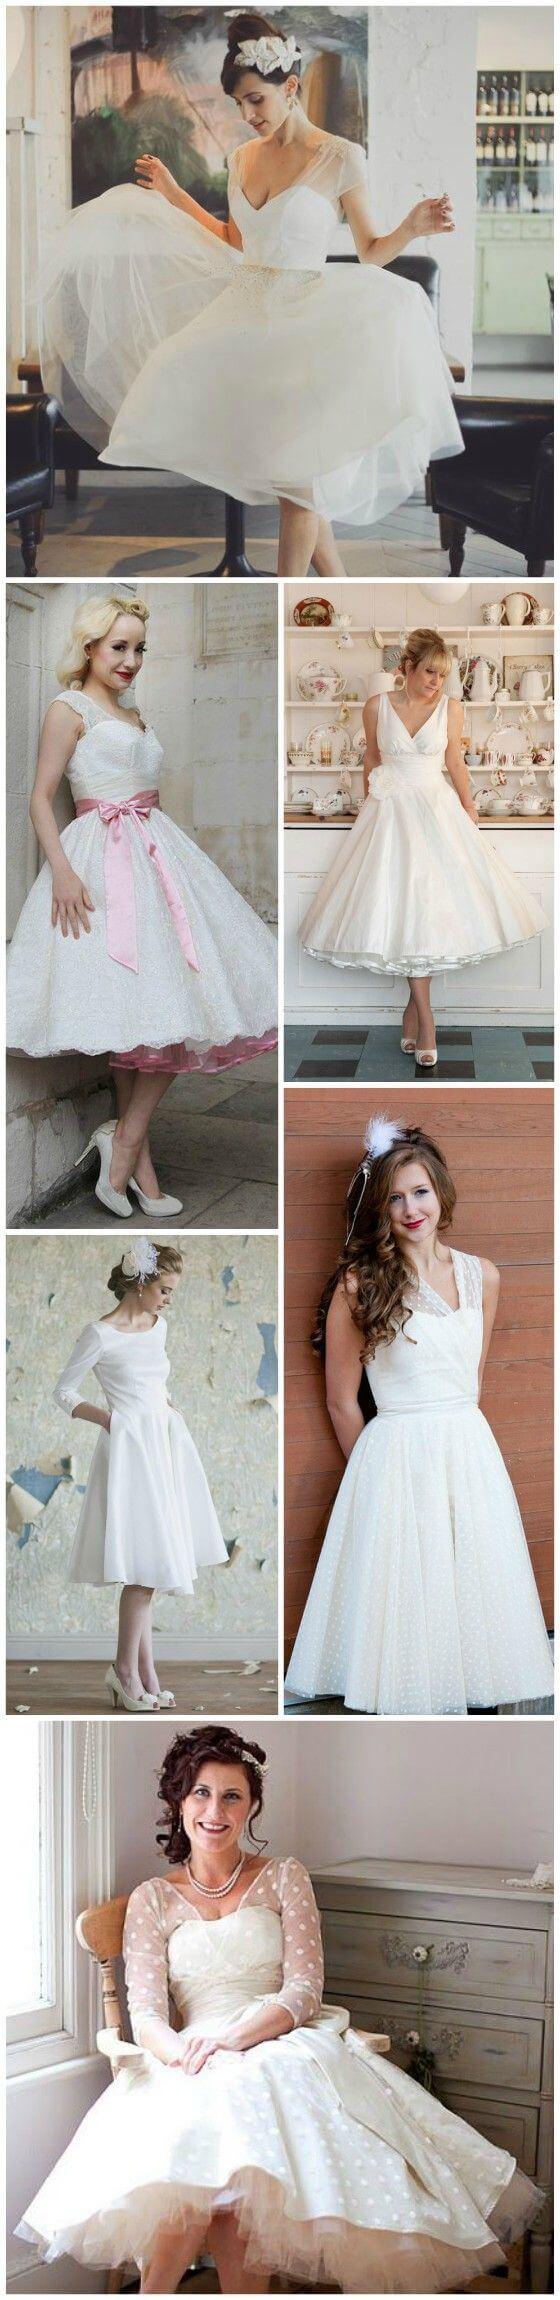 20 of the Most Vintage Tea-length Wedding Dresses for Older Brides